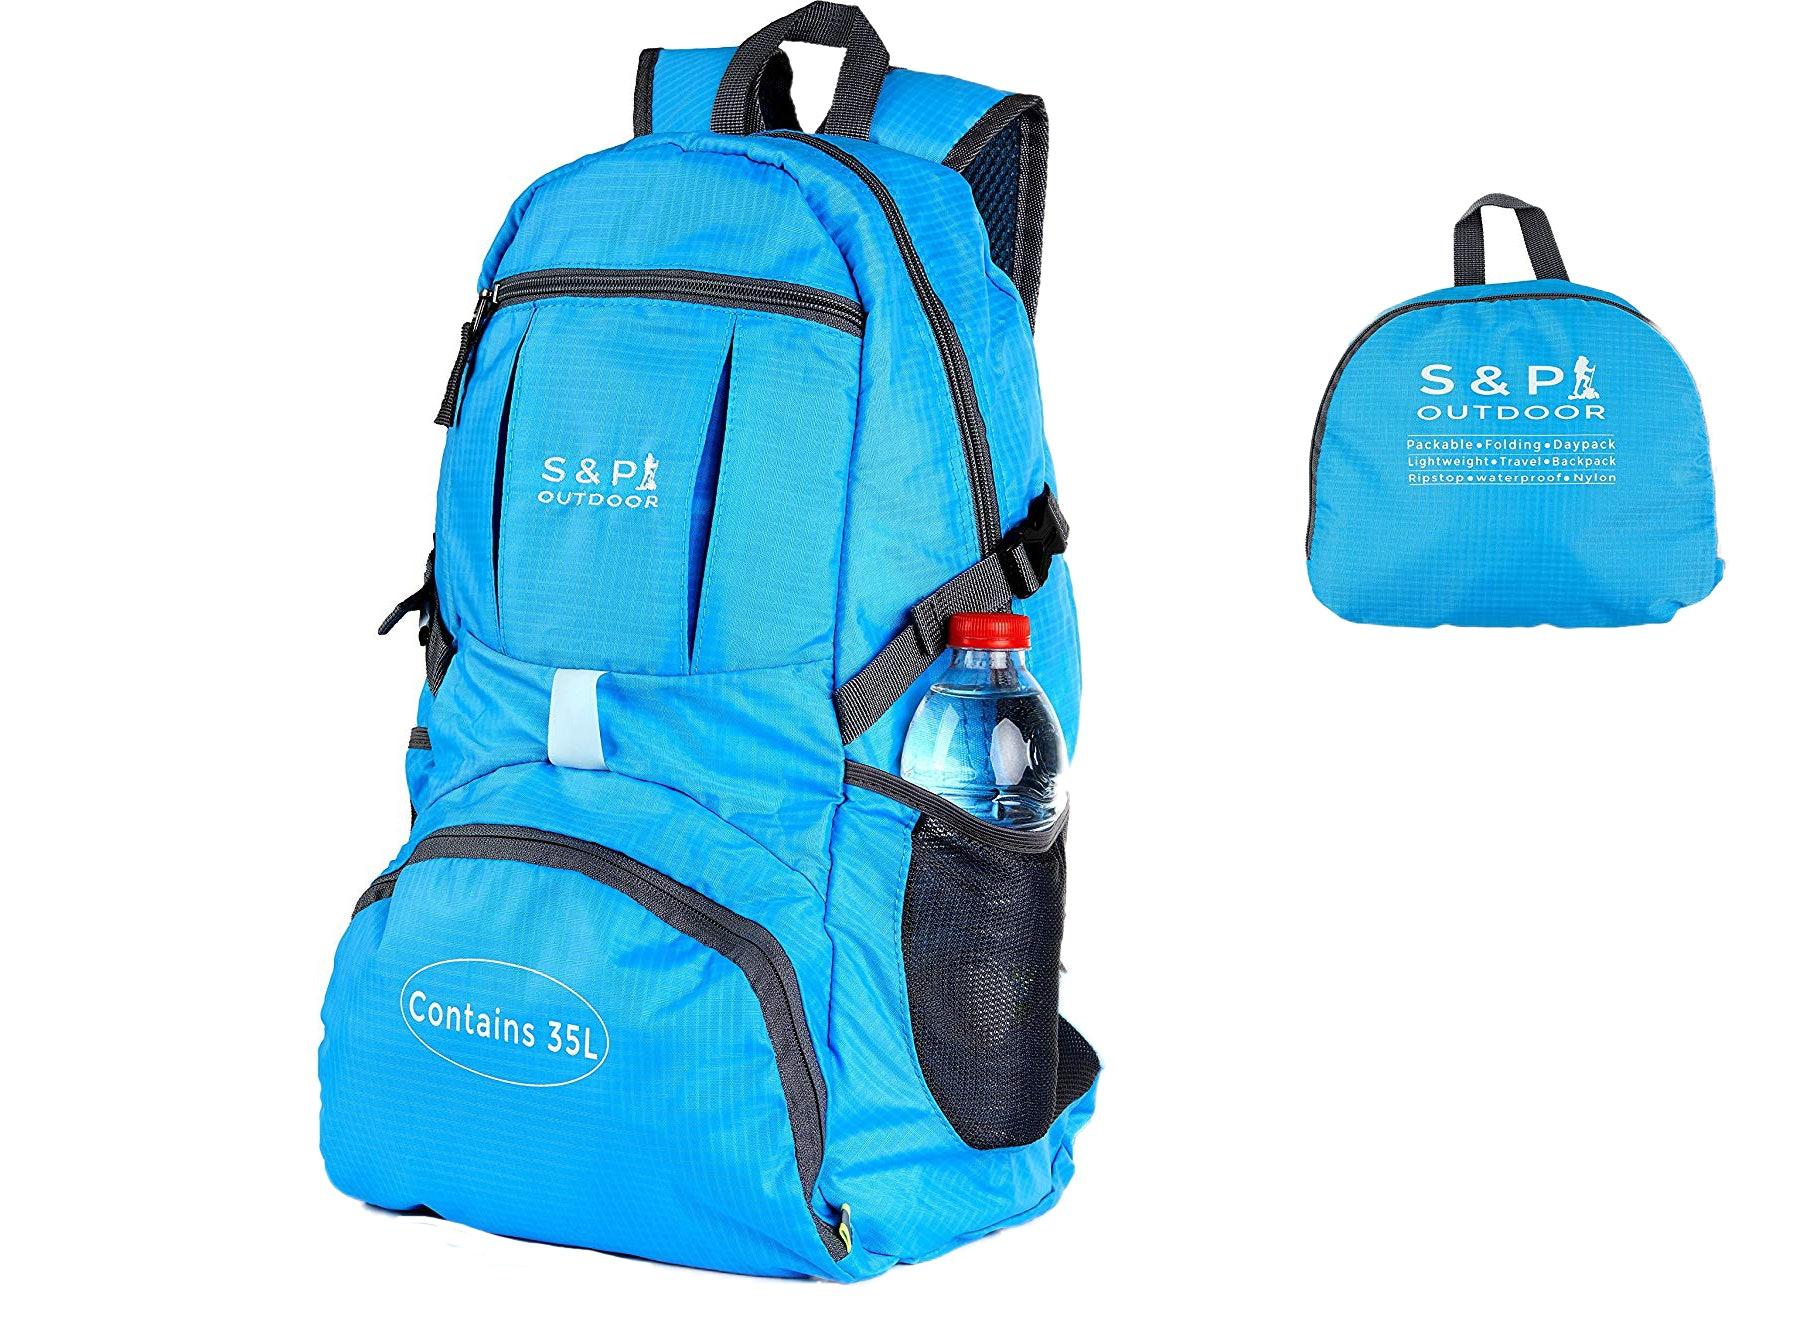 f0aea52586e The 4 Best Waterproof Backpacks